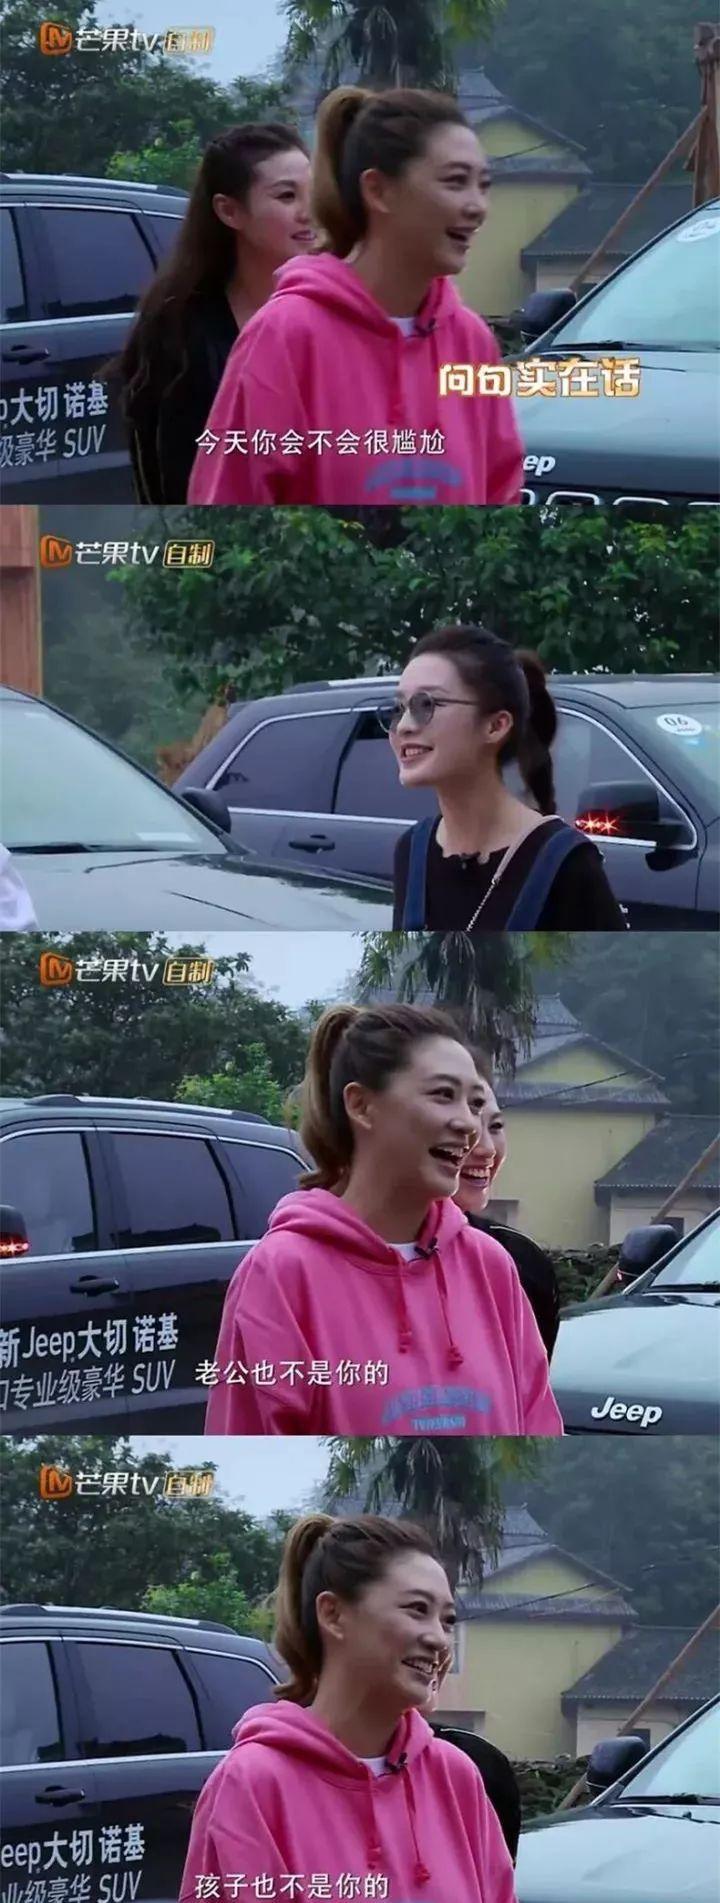 应采儿的脾气是真的爆啊,陈小春都被她打哭过